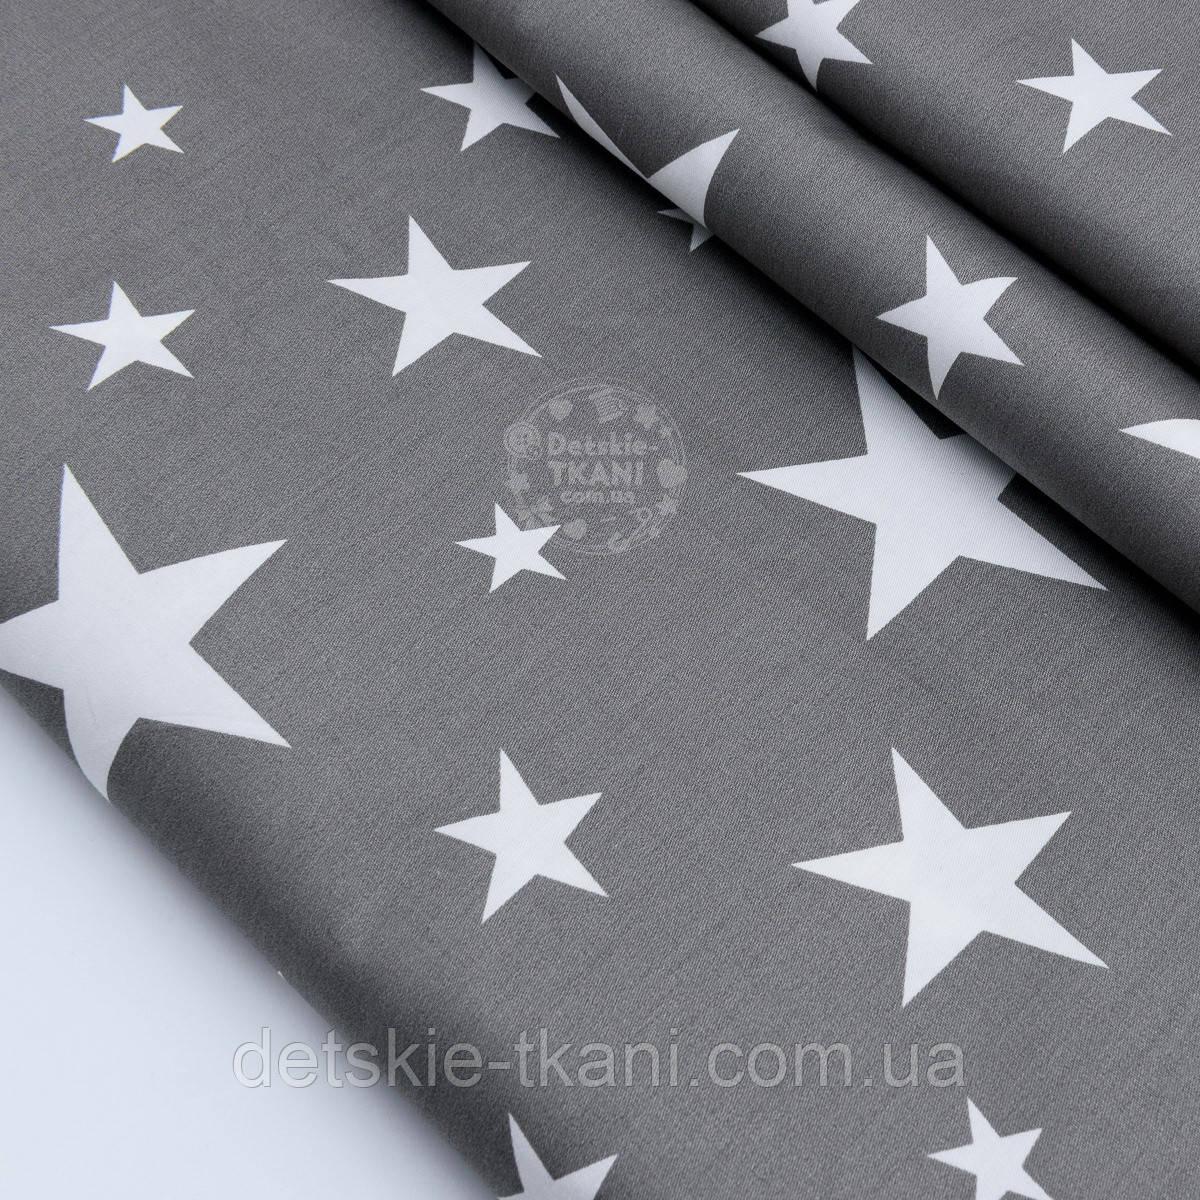 """Сатин ткань """"Большие и малые звёзды"""" белые на графитовом, №1758с"""